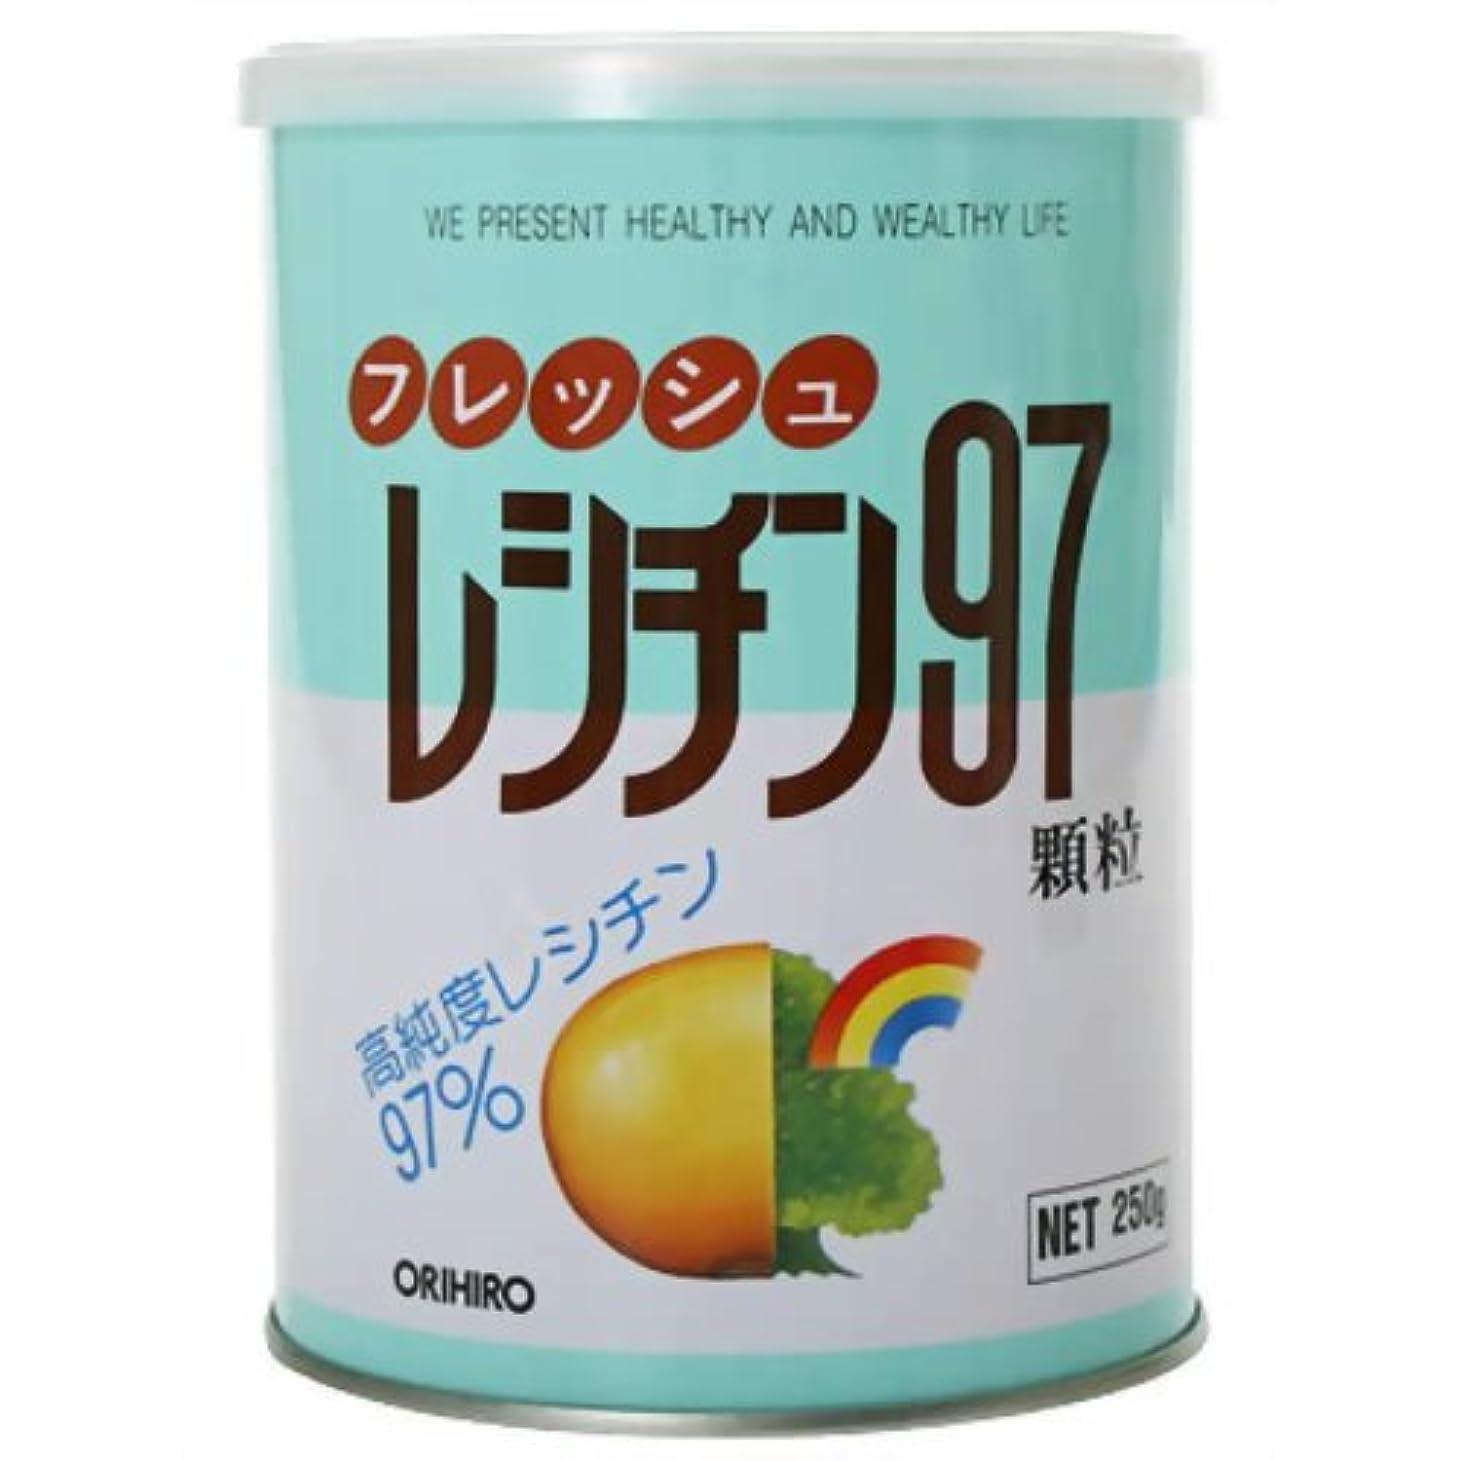 祝福フラッシュのように素早く頼むオリヒロ フレッシュレシチン97顆粒 250g